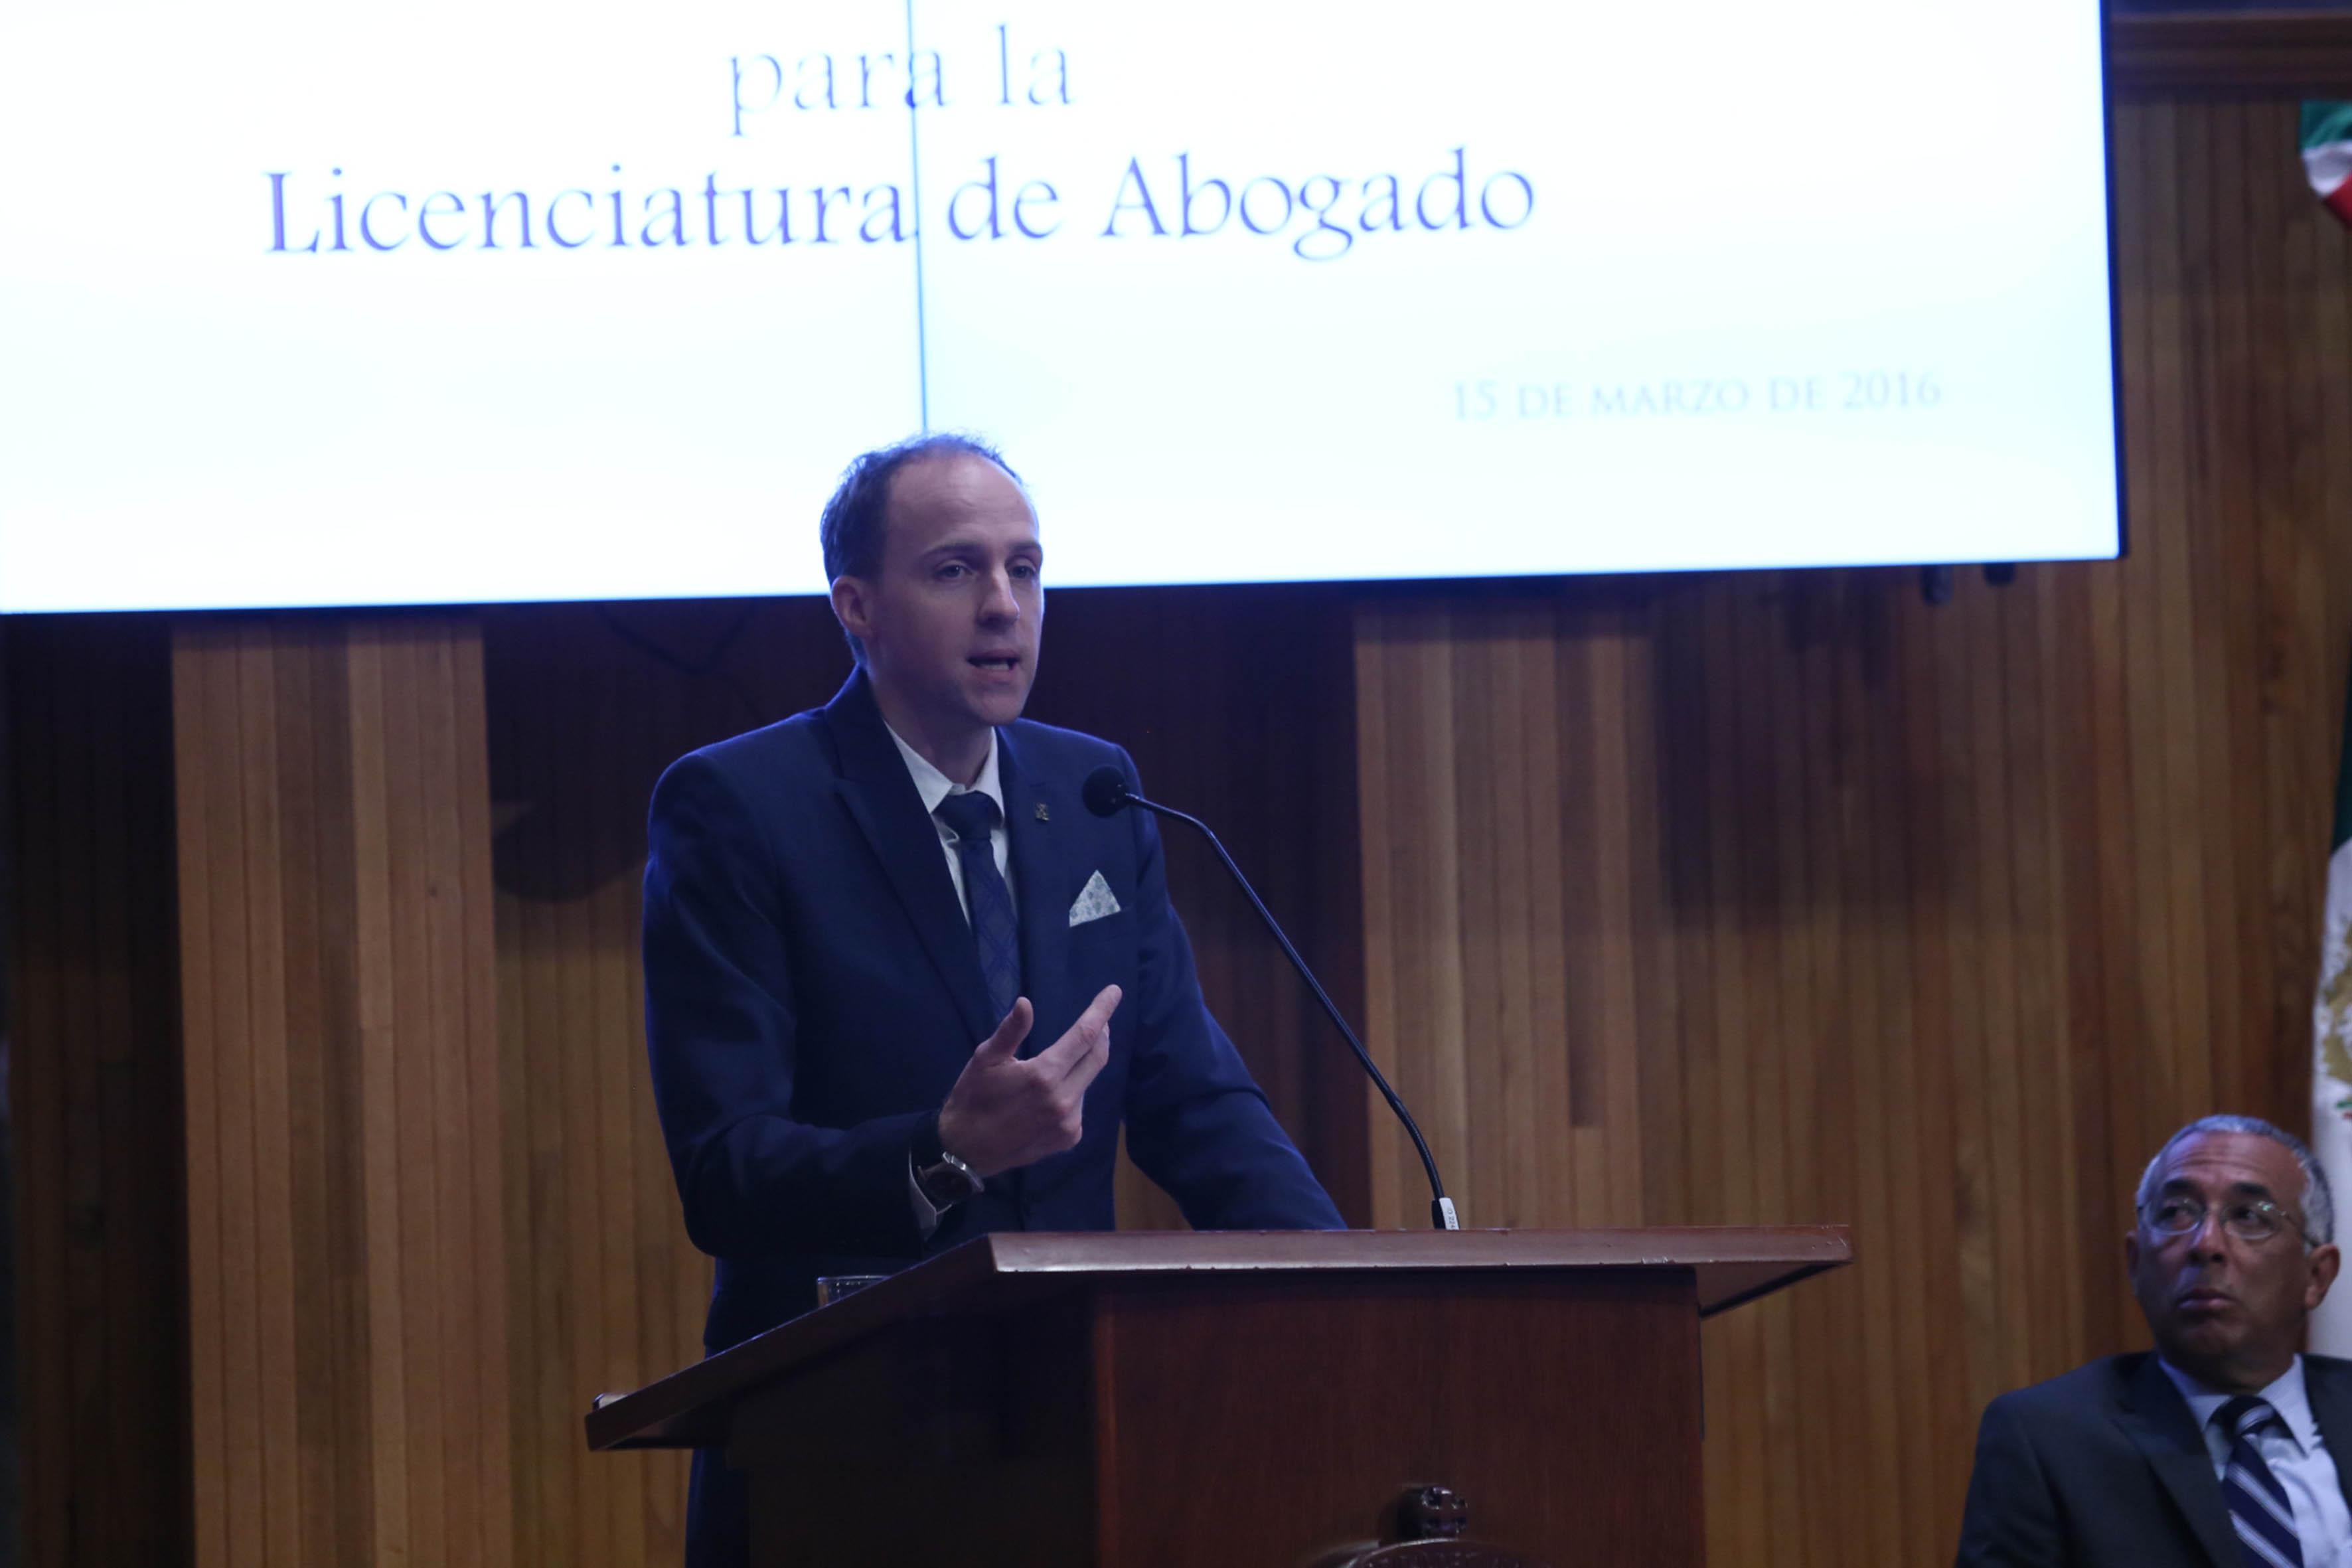 Dr. David Julien, secretario general ejecutivo de la Organización Universitaria Interamericana (OUI), en podium del Paraninfo, haciendo uso de la palabra.